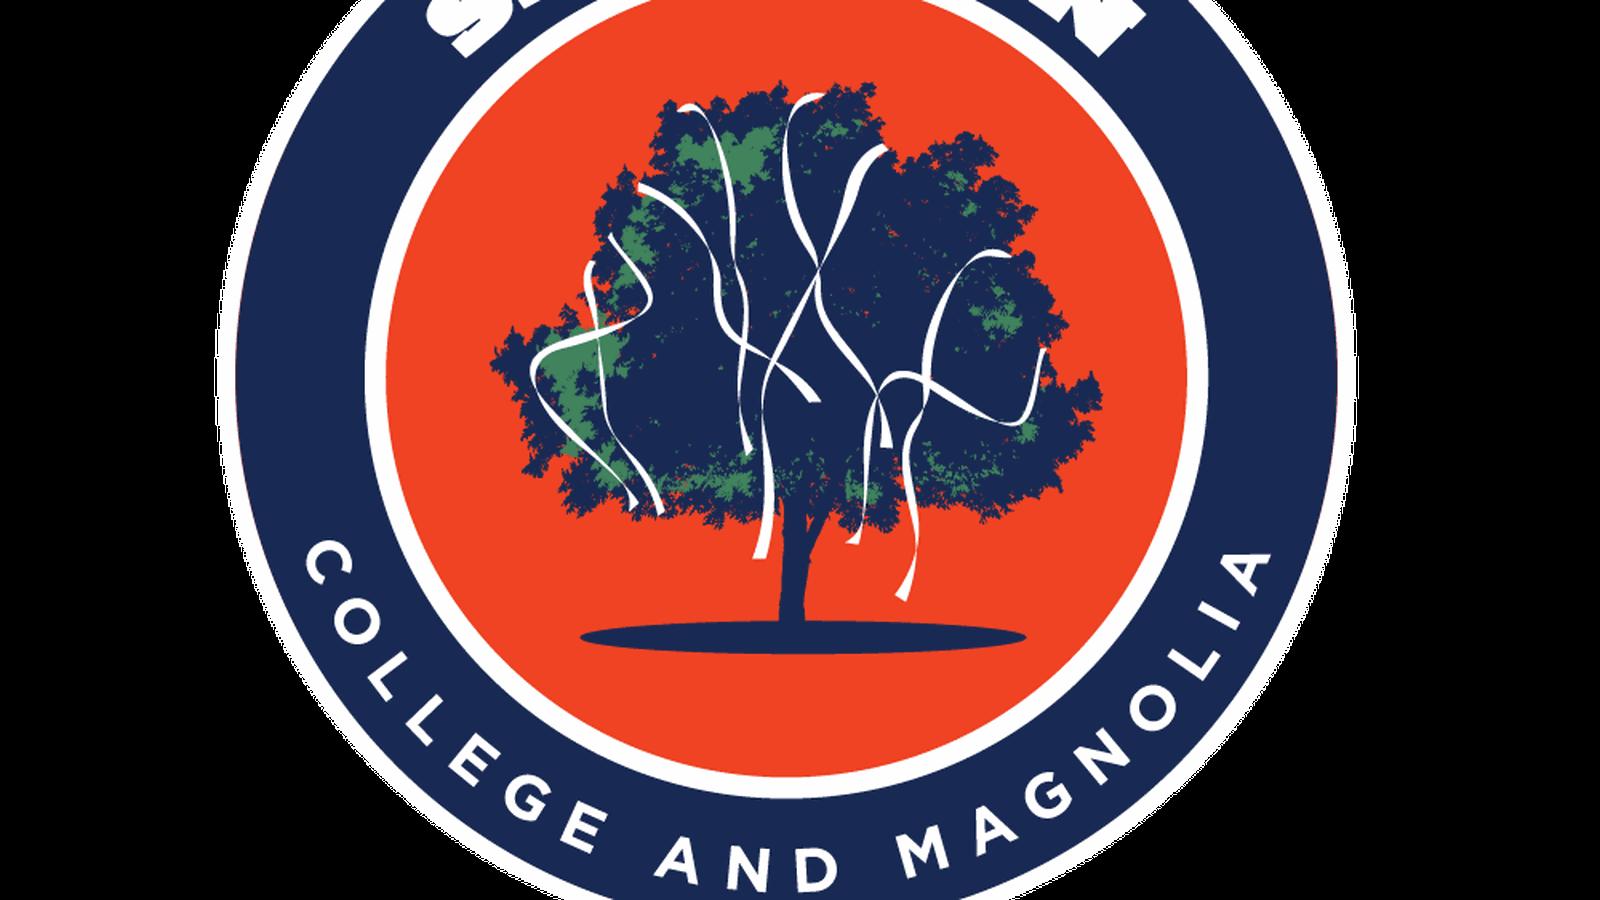 Collegeandmagnolia.com.full.28690.0